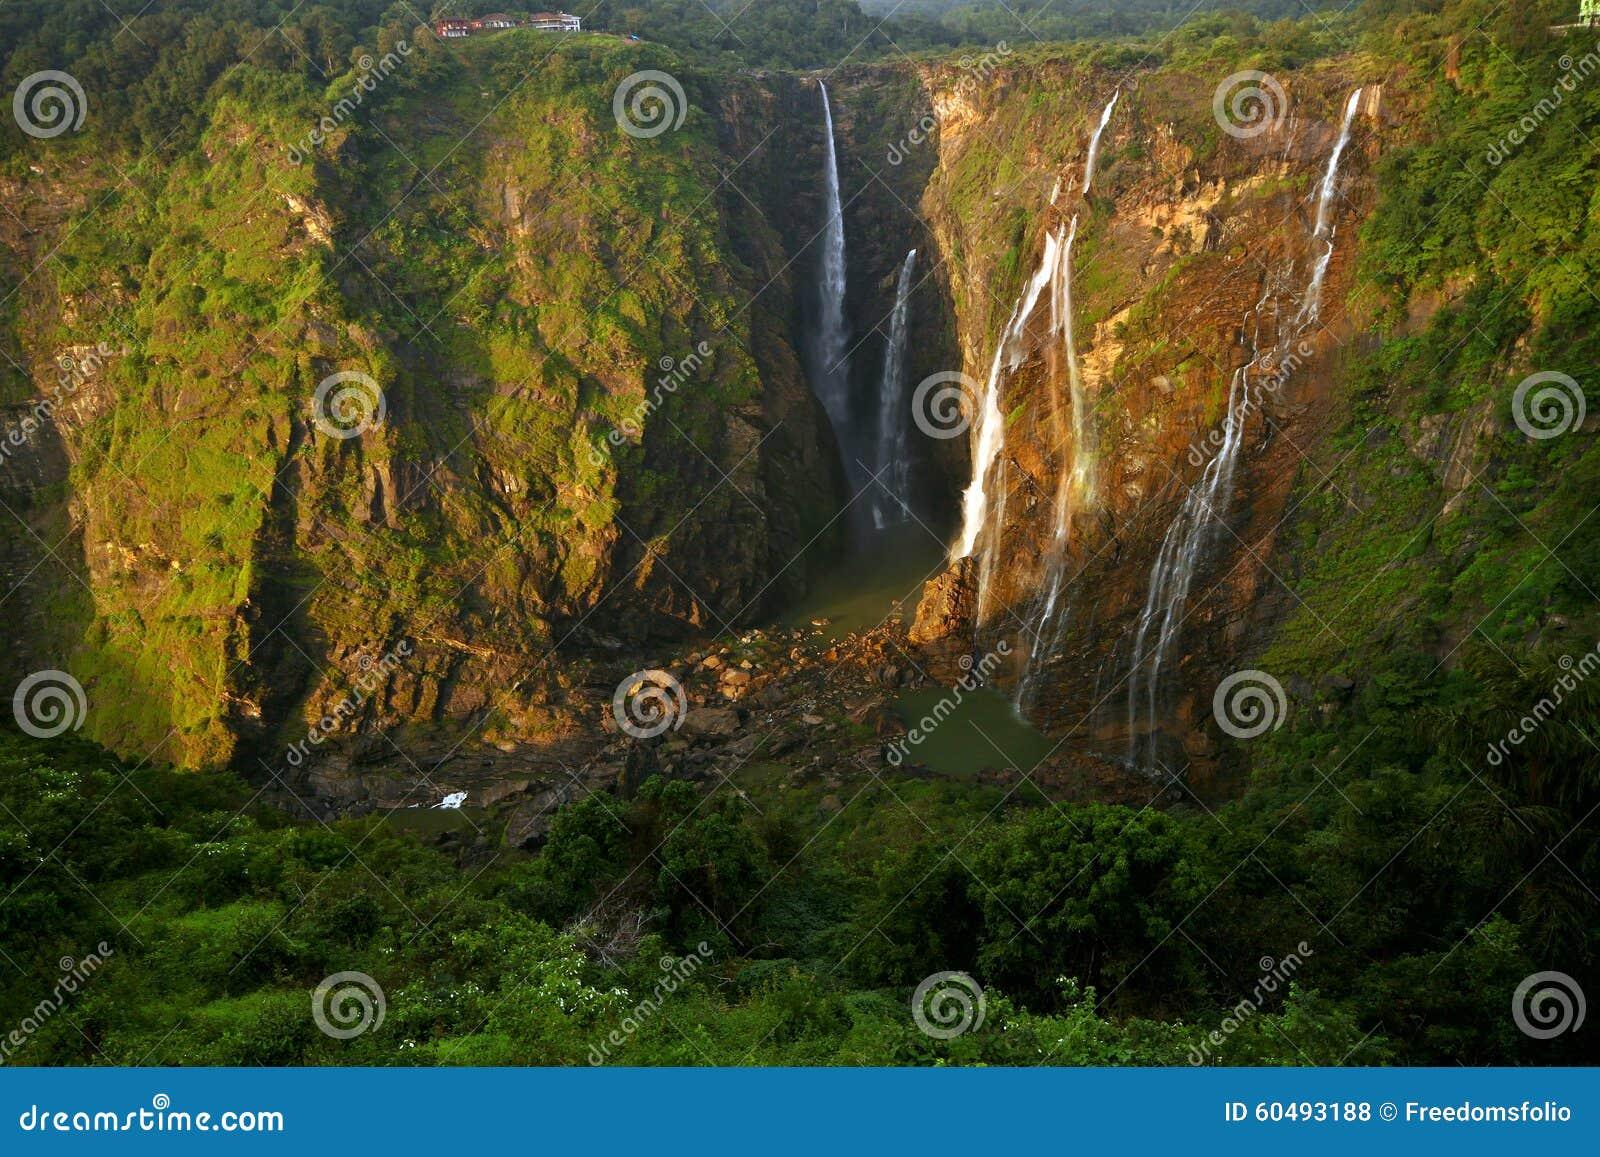 Jog falls, India s tallest water fall